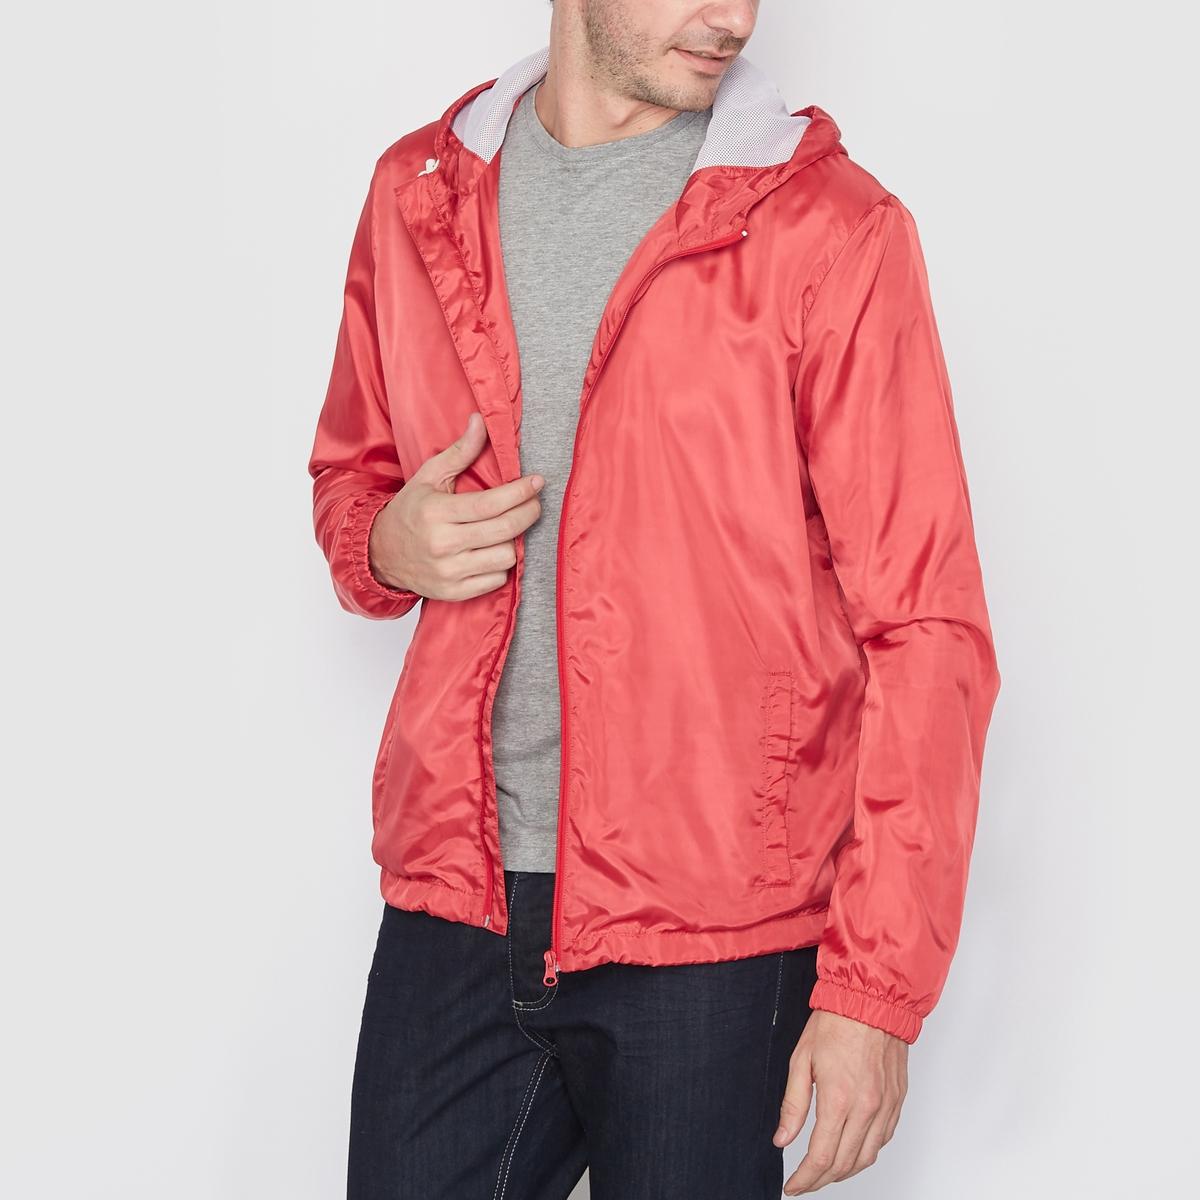 Купить со скидкой Куртка-ветровка на молнии с капюшоном